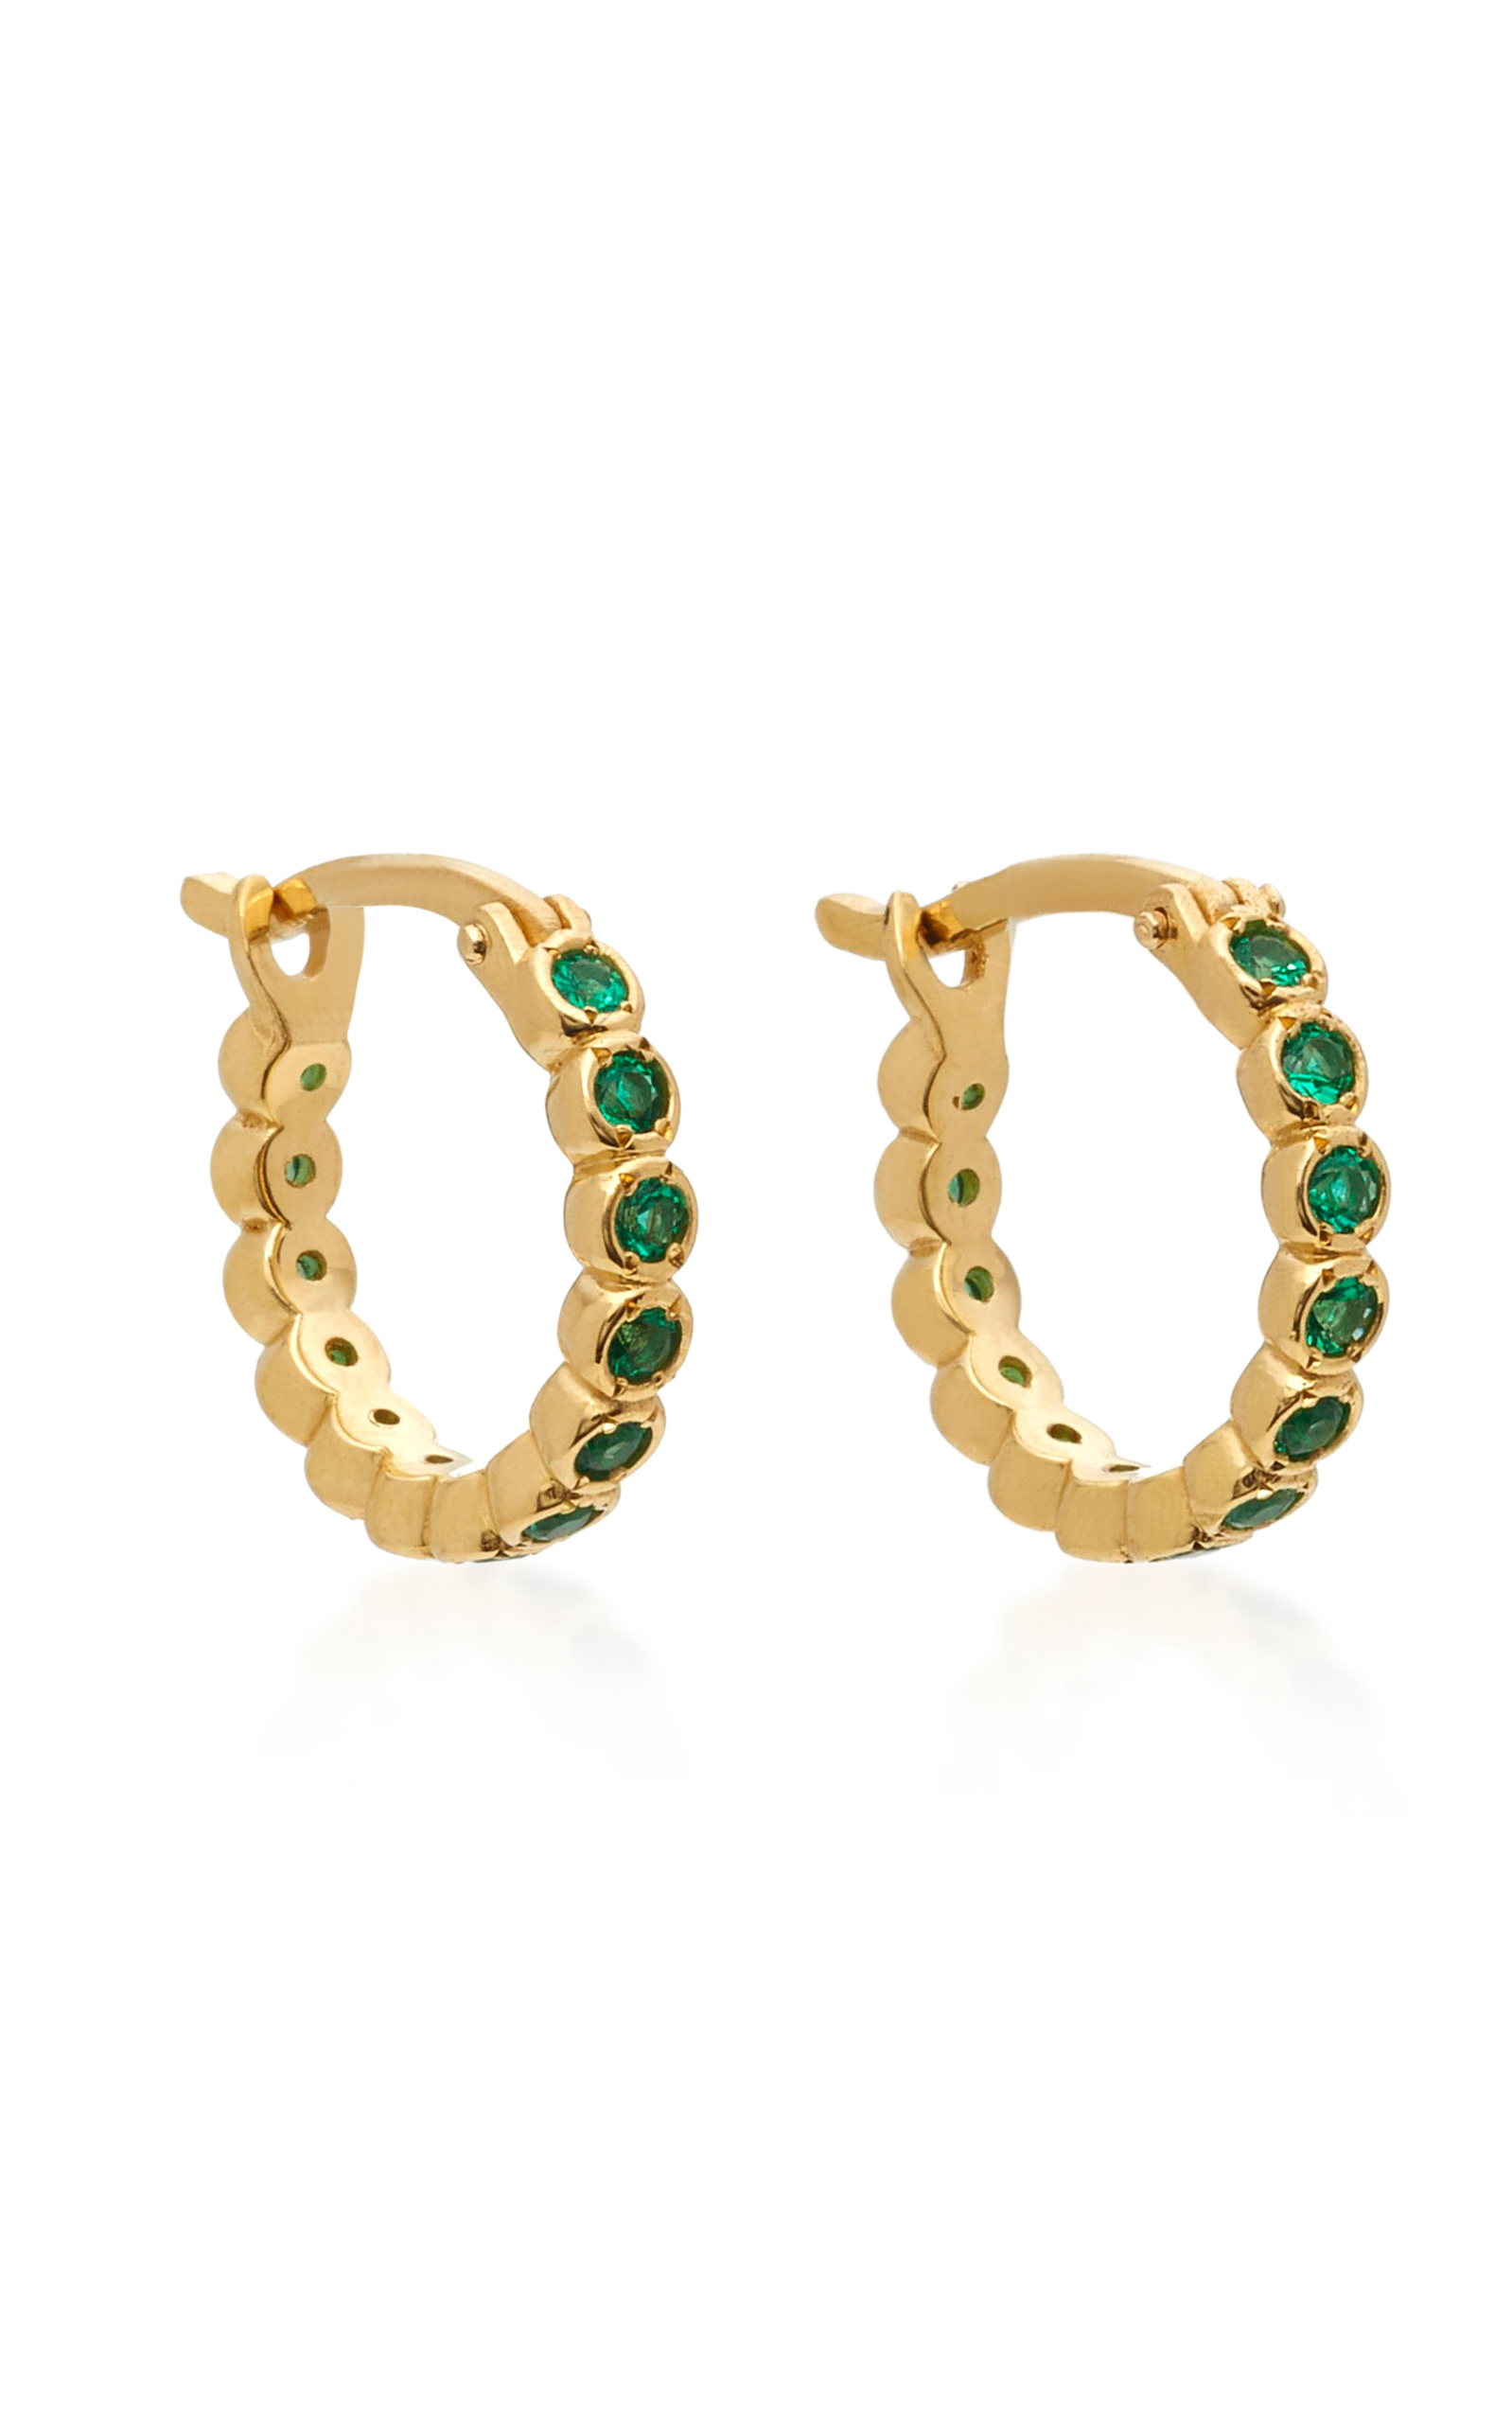 47d546950 Octavia Elizabeth Chloe 18K Gold Emerald Hoop Earrings | £1,728.00 | Port